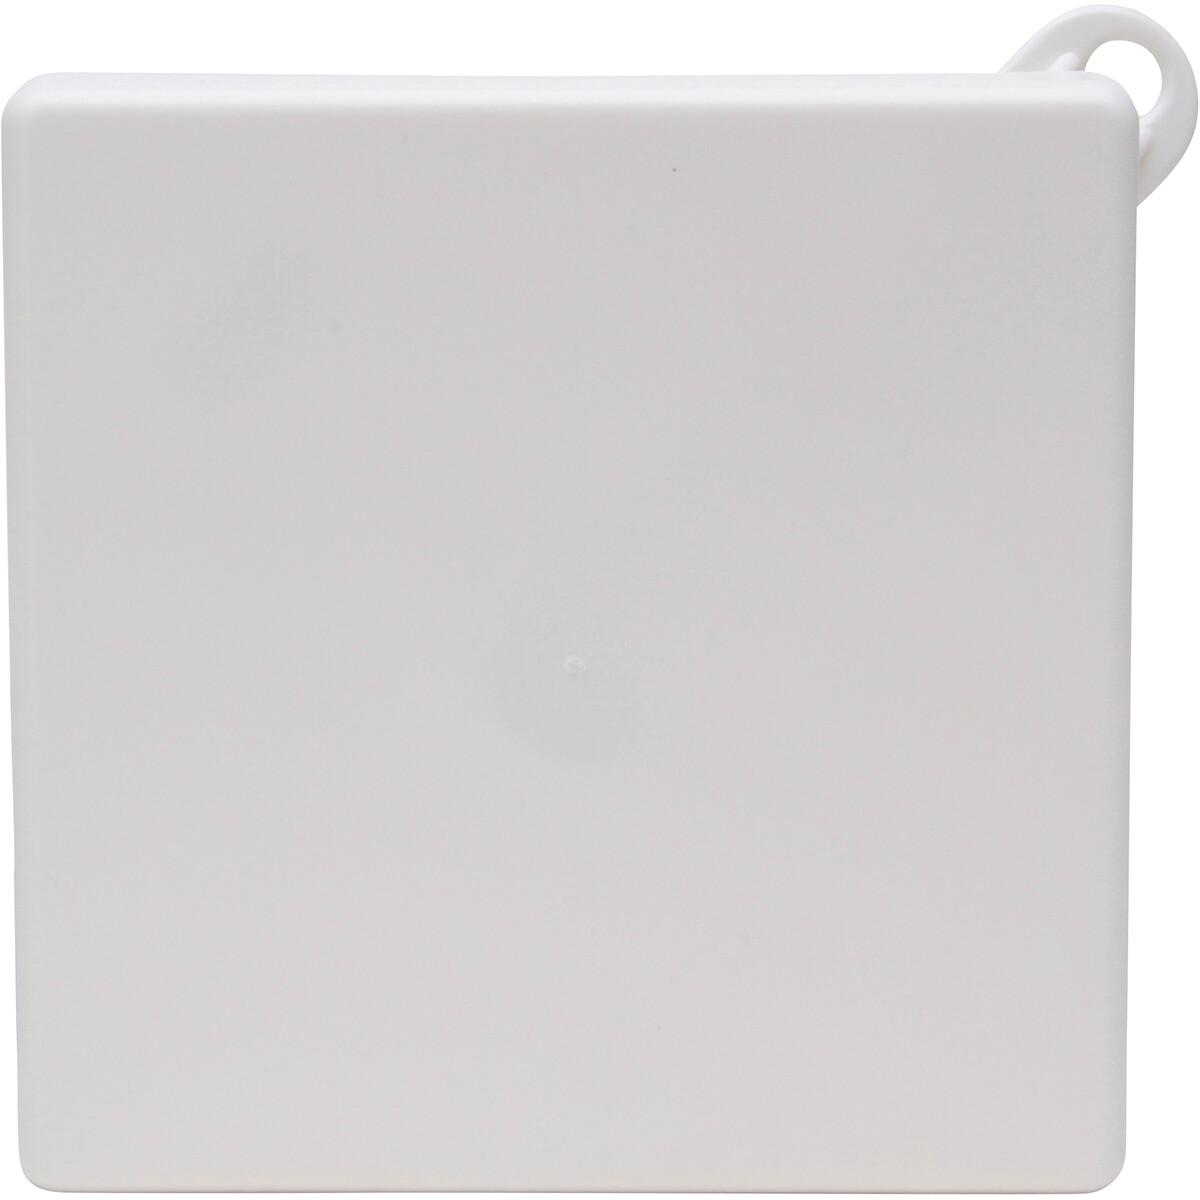 KOPP - Afdekplaat Plafond Centraaldoos - Vierkant - Wit - 112mm